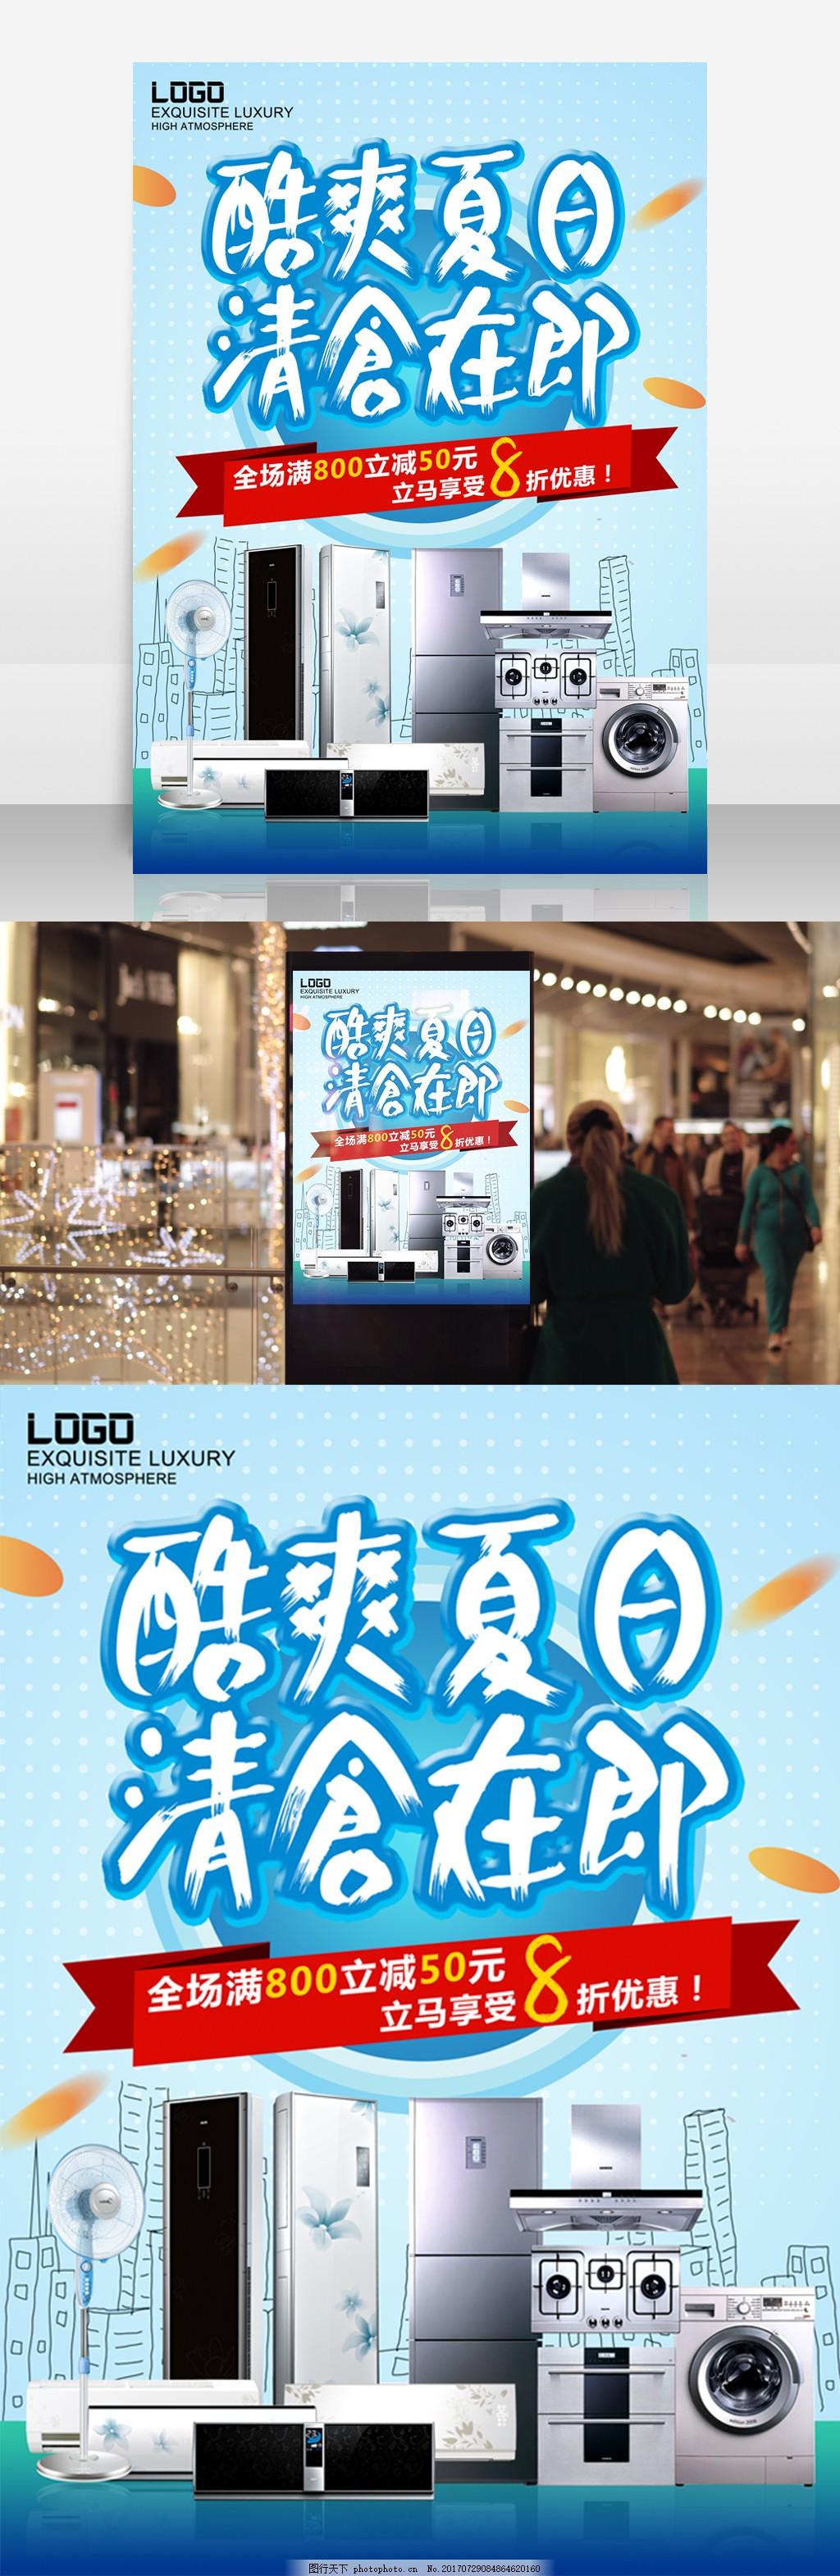 蓝色家电夏季电器清仓海报 活动 夏日 蓝色背景 家用电器 线条城市背景